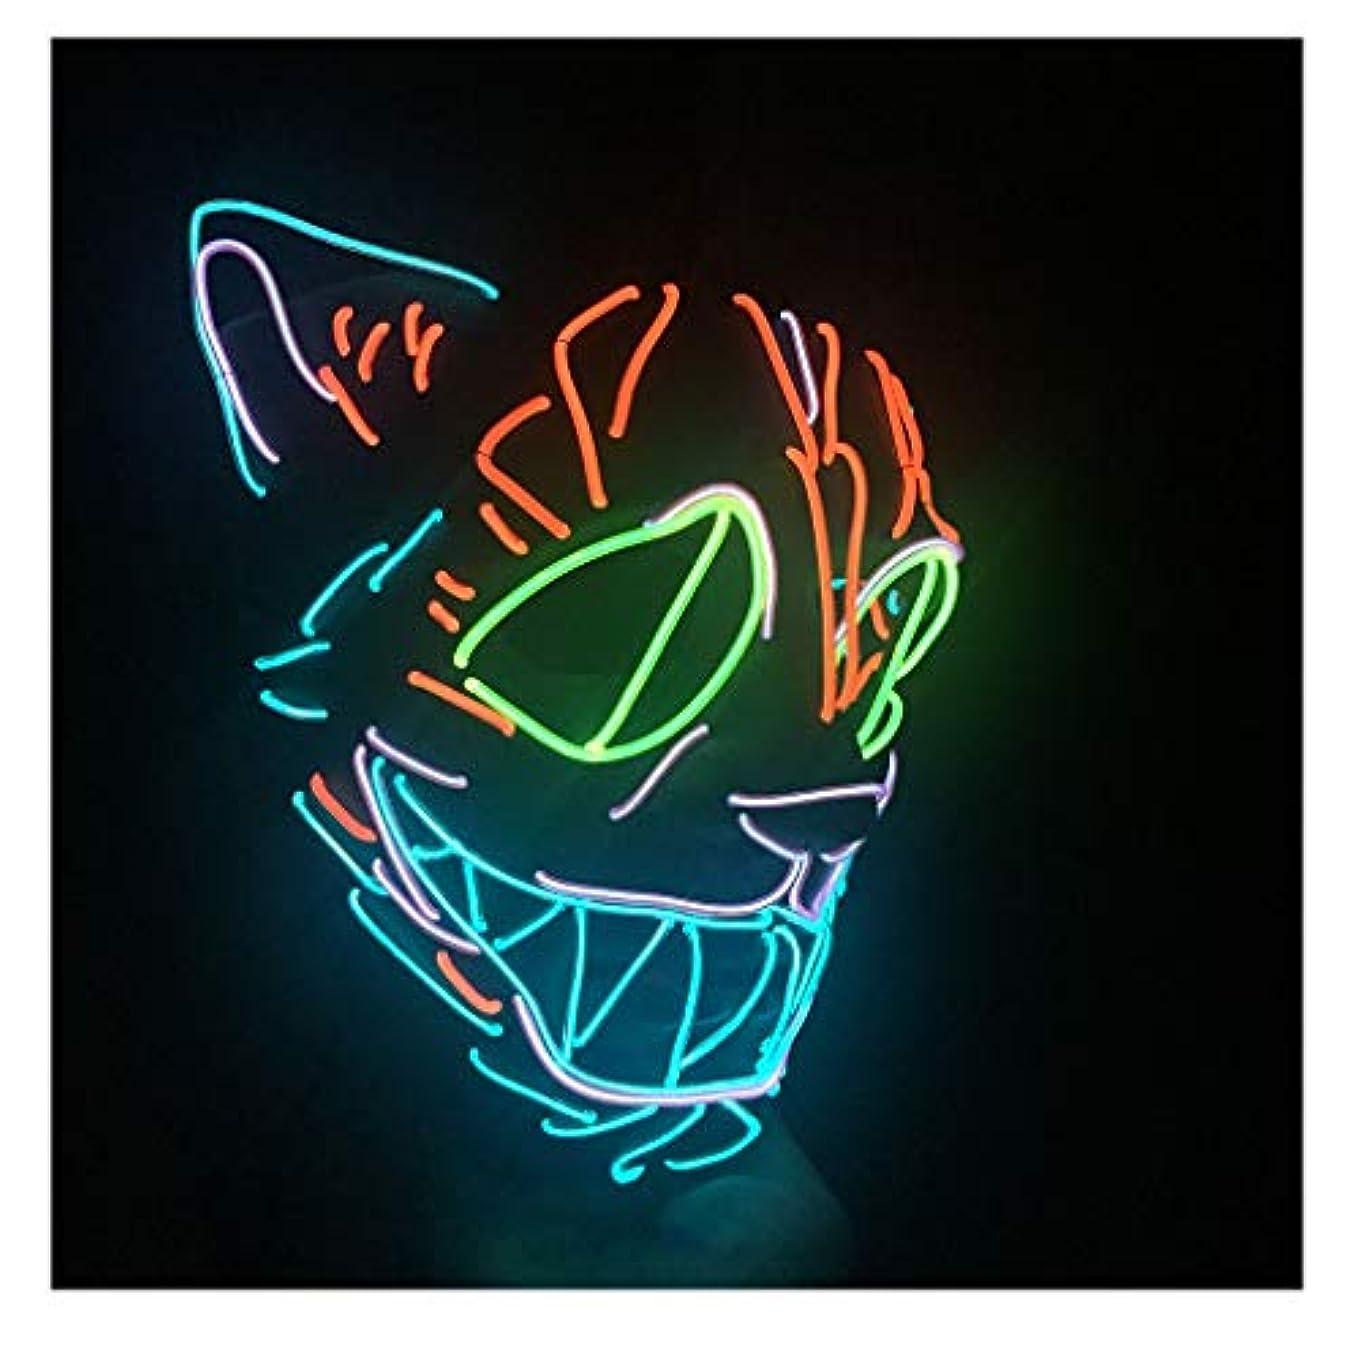 気取らない愛情北東怖いマスクハロウィンコスプレ-コスチュームマスクライトアップフェスティバルパーティー用LEDマスクブルー,赤